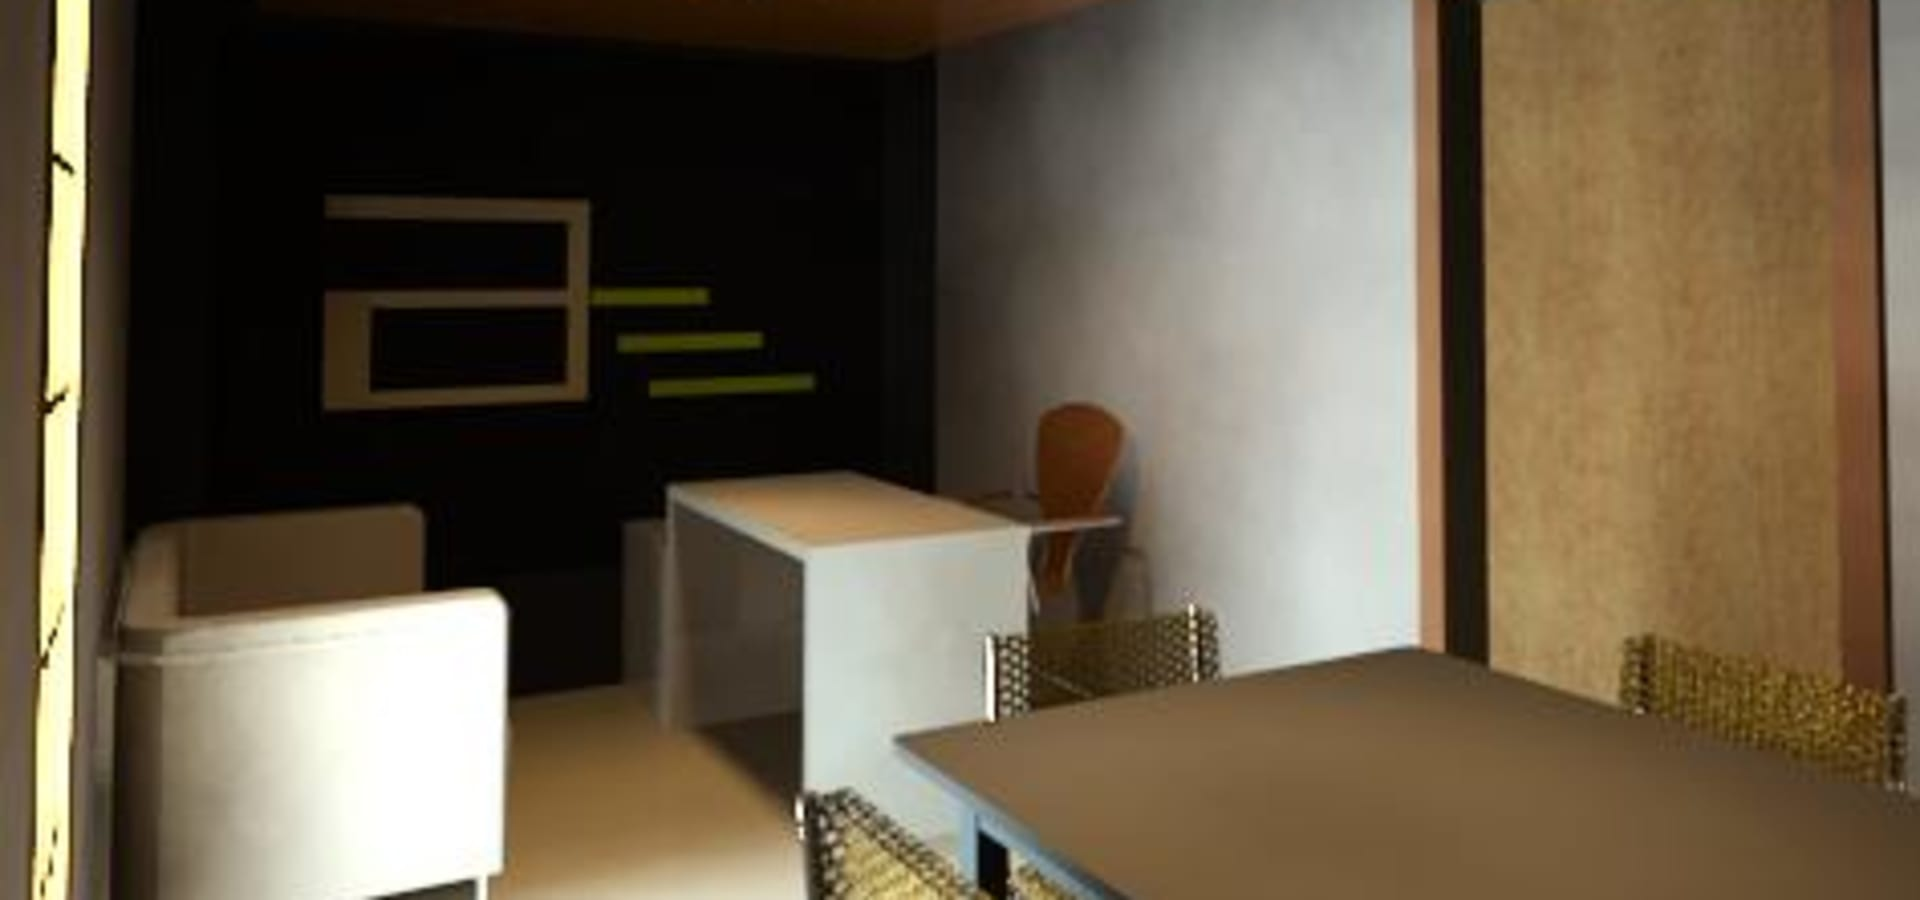 arte & espacio